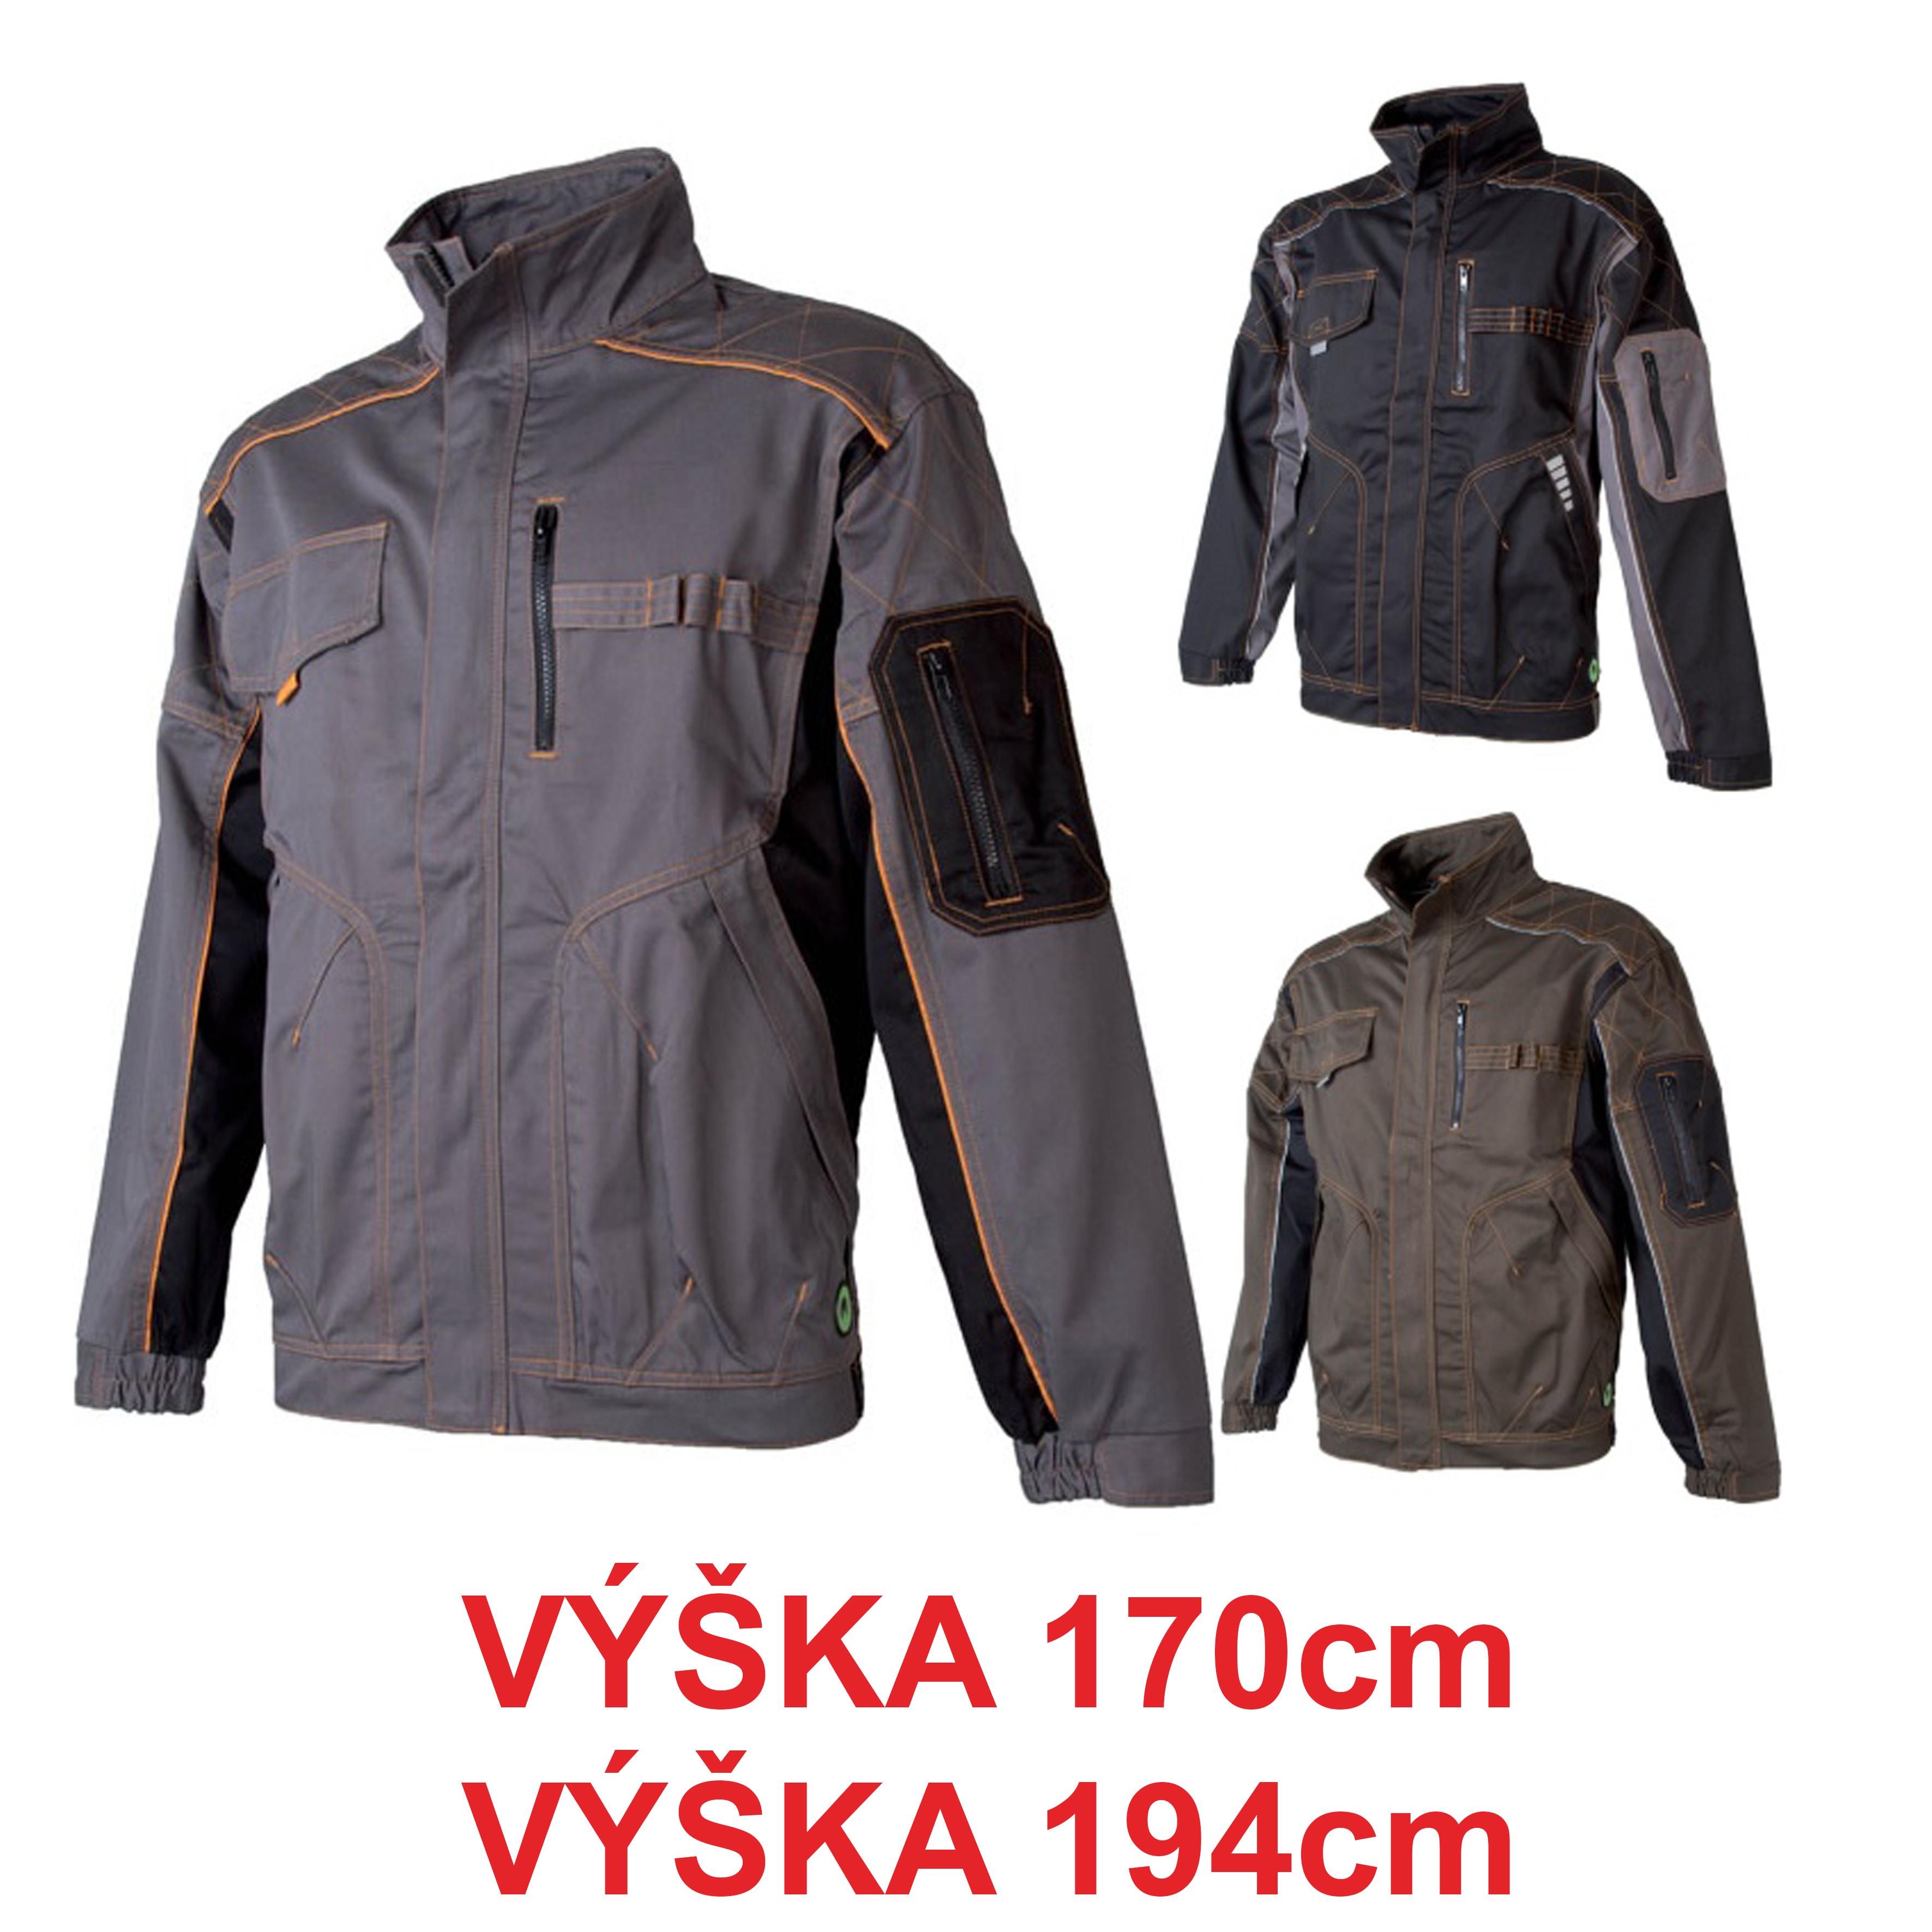 Pracovné odevy - Montérková blúza VISION 170 194 cm 171d0445eb